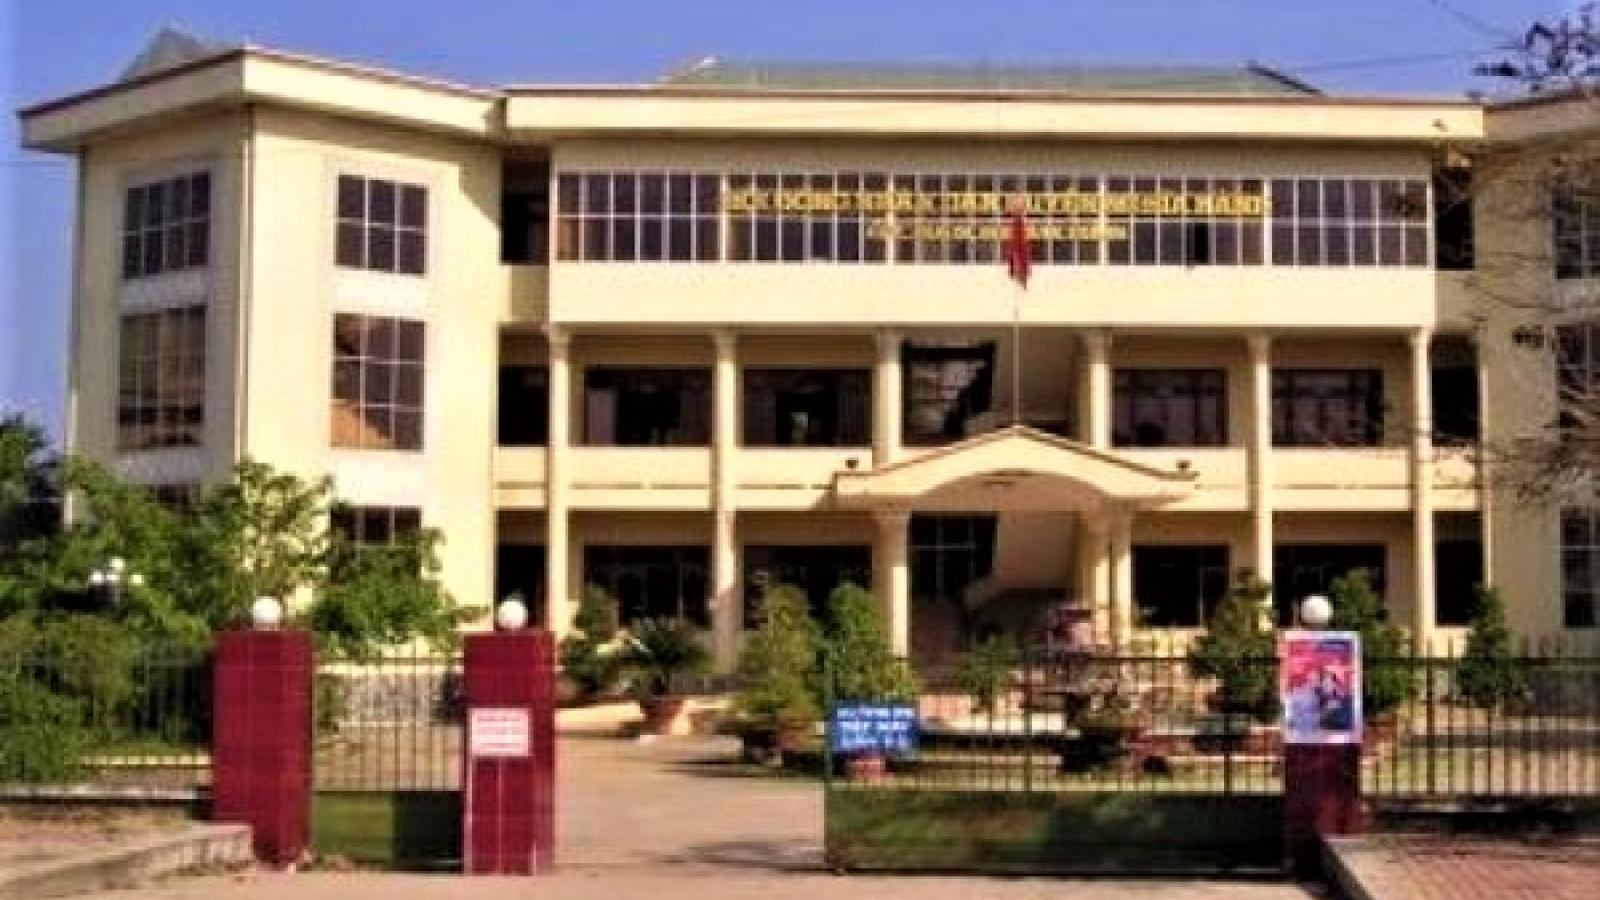 4 cán bộ cấp huyện sai phạm trong đầu tư công tại Quảng Ngãi